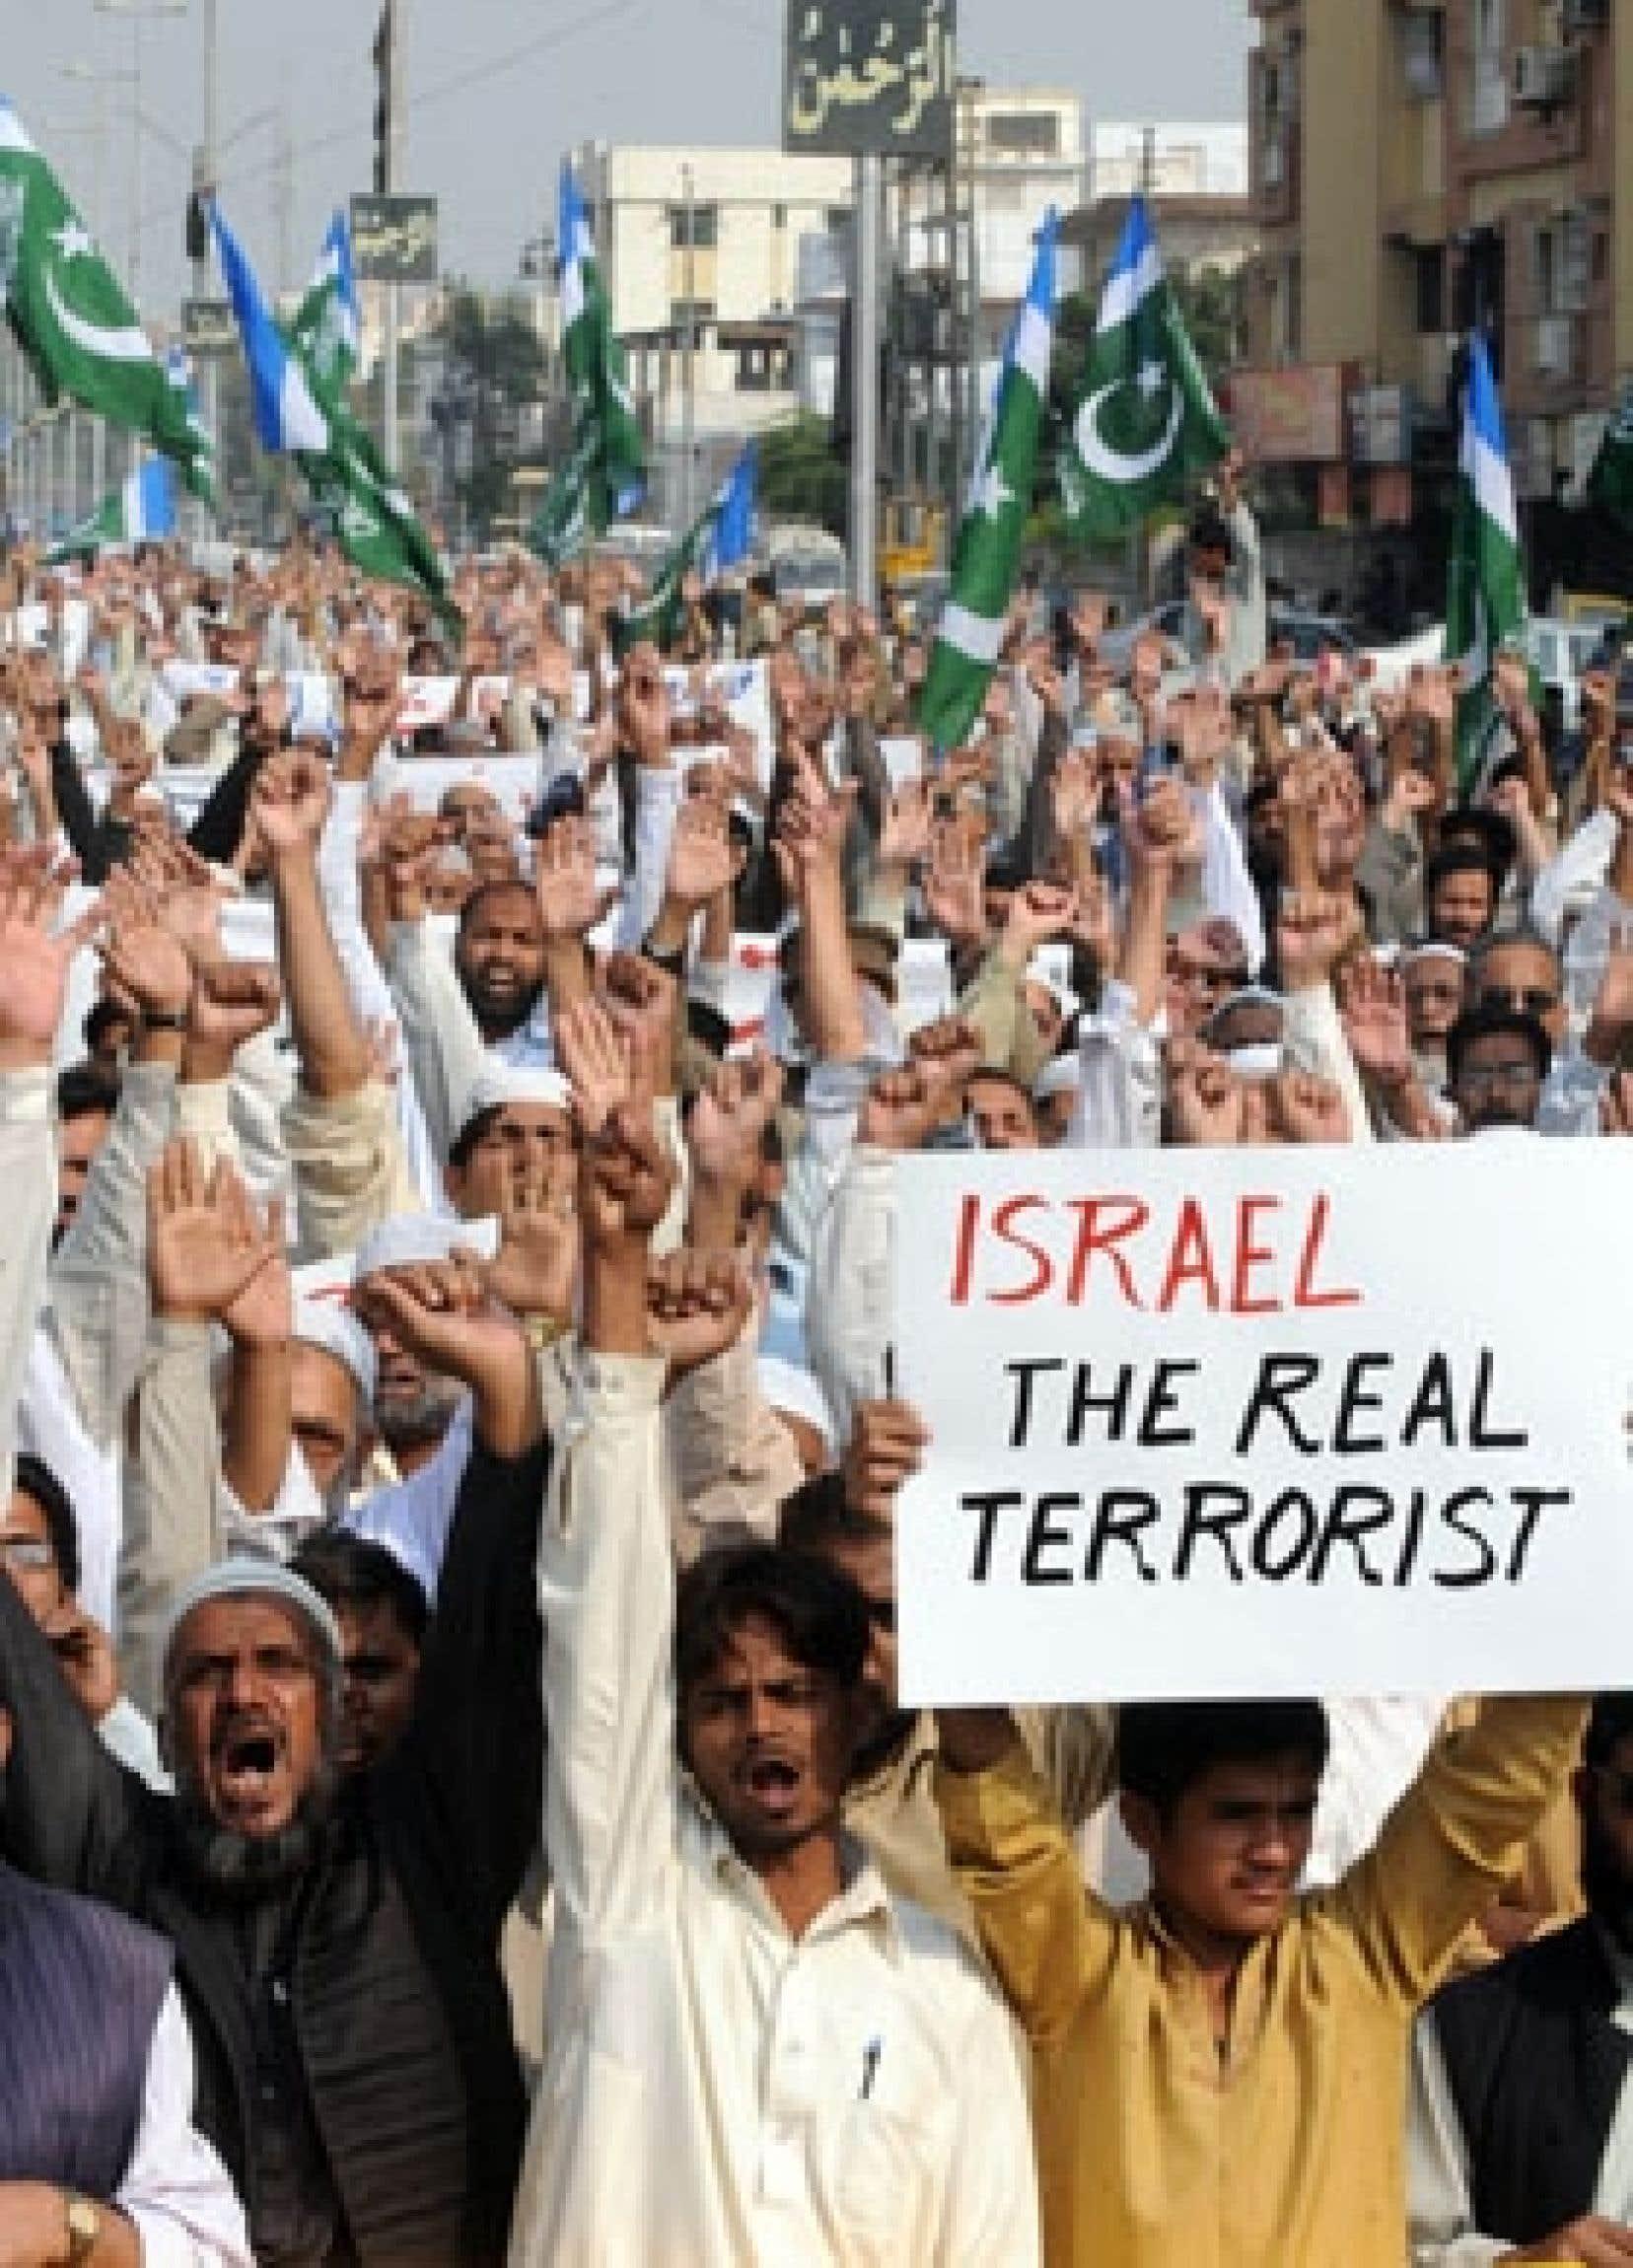 Des dizaines de milliers de personnes sont descendues hier dans les rues pour condamner des frappes qui ont coûté la vie à près de 300 Palestiniens. Ci-dessus, une manifestation à Karachi, au Pakistan.